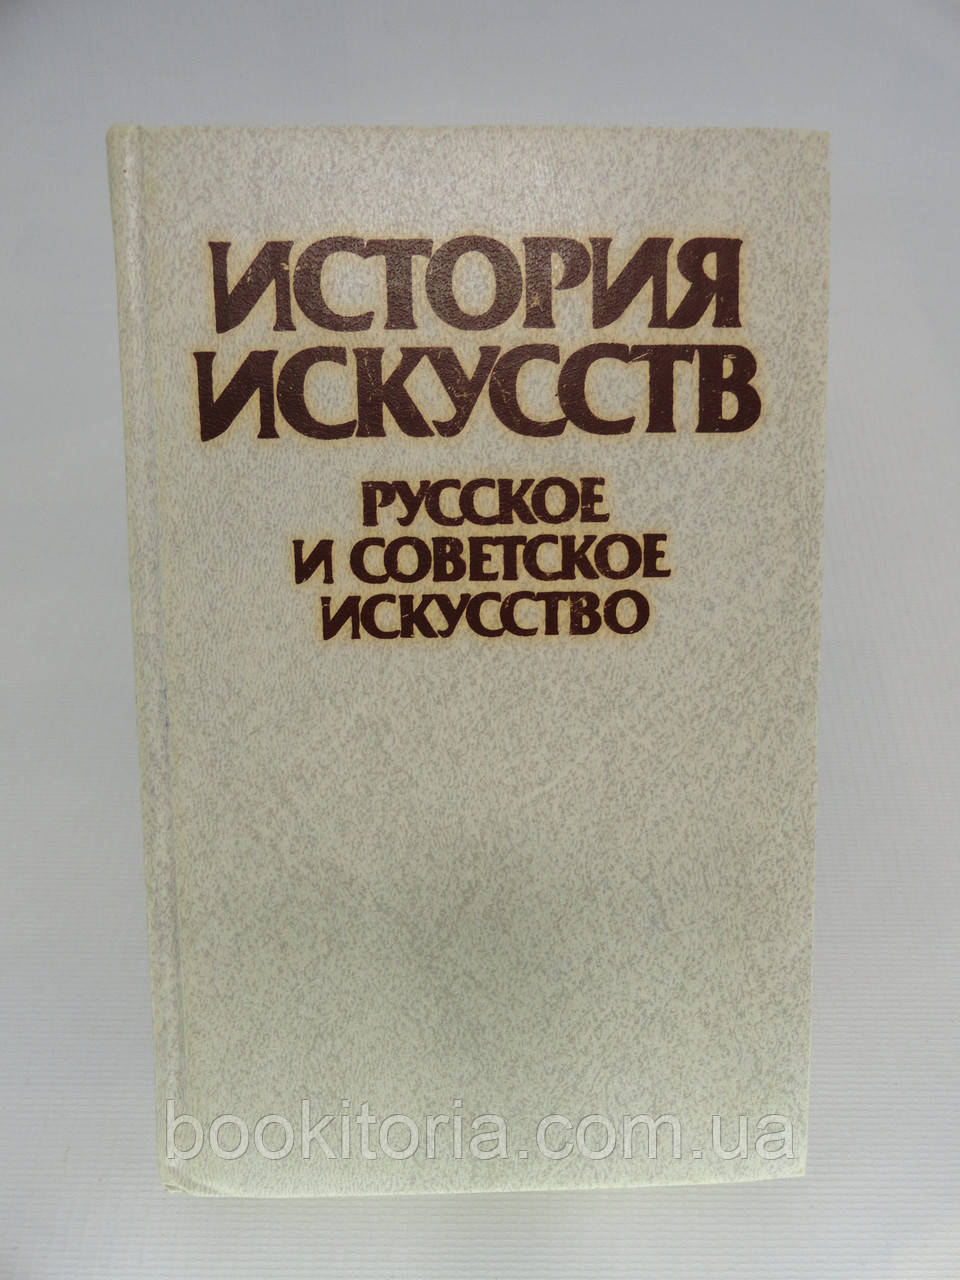 Ильина Т.В. История искусств. Русское и советское искусство (б/у).